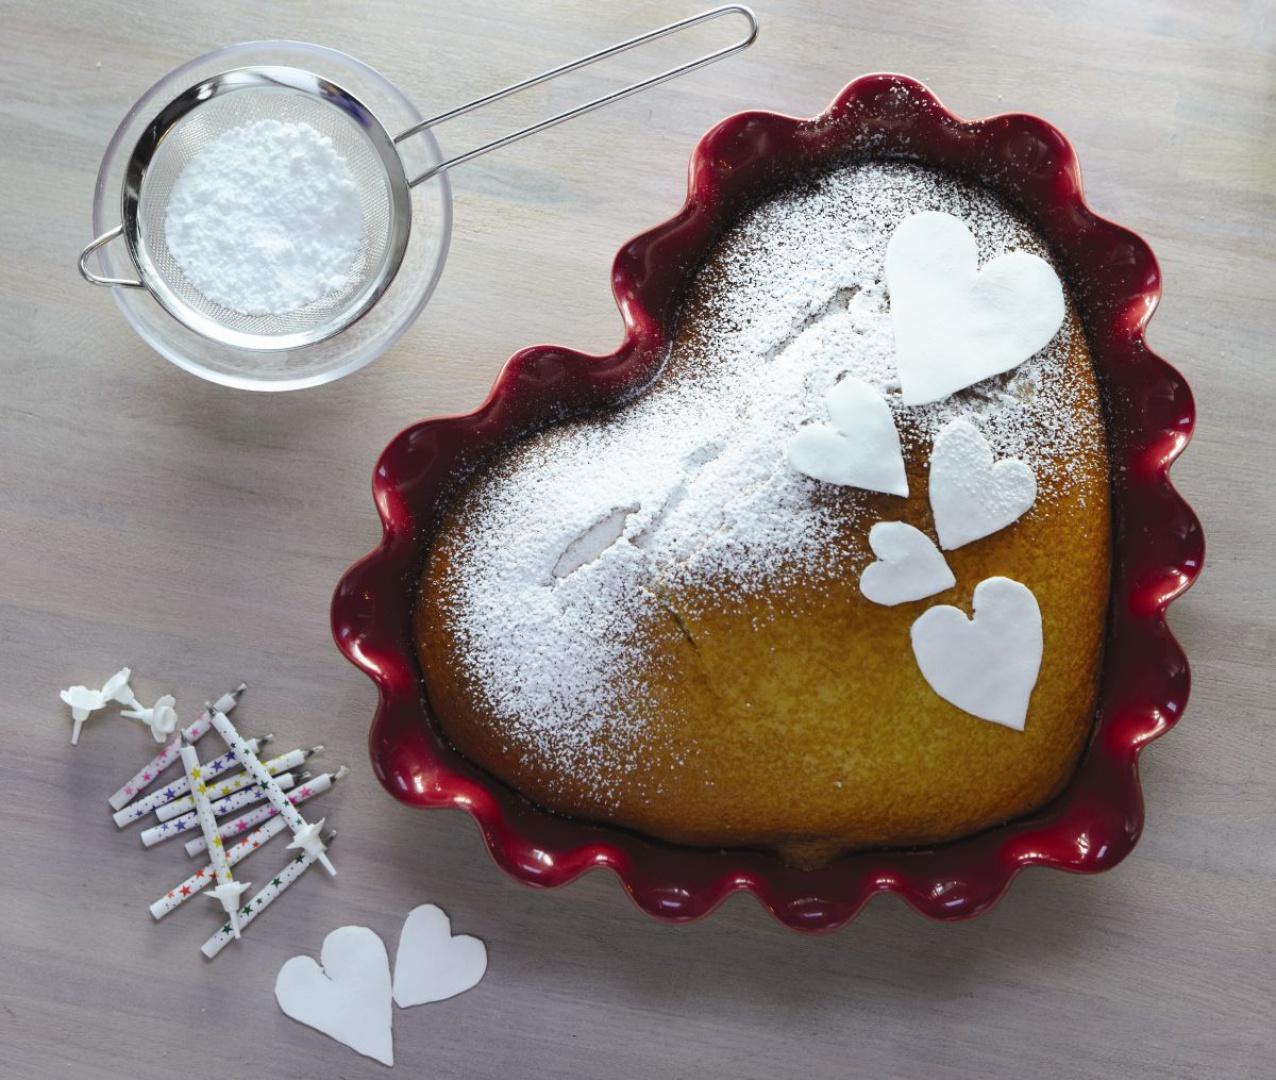 Ceramiczna forma w kształcie serca z karbowanym rantem to propozycja francuskiej marki Emile Henry. Idealna na walentynkowe ciasto. Do kupienia w sklepie LeDuvel. Fot. Emile Henry.